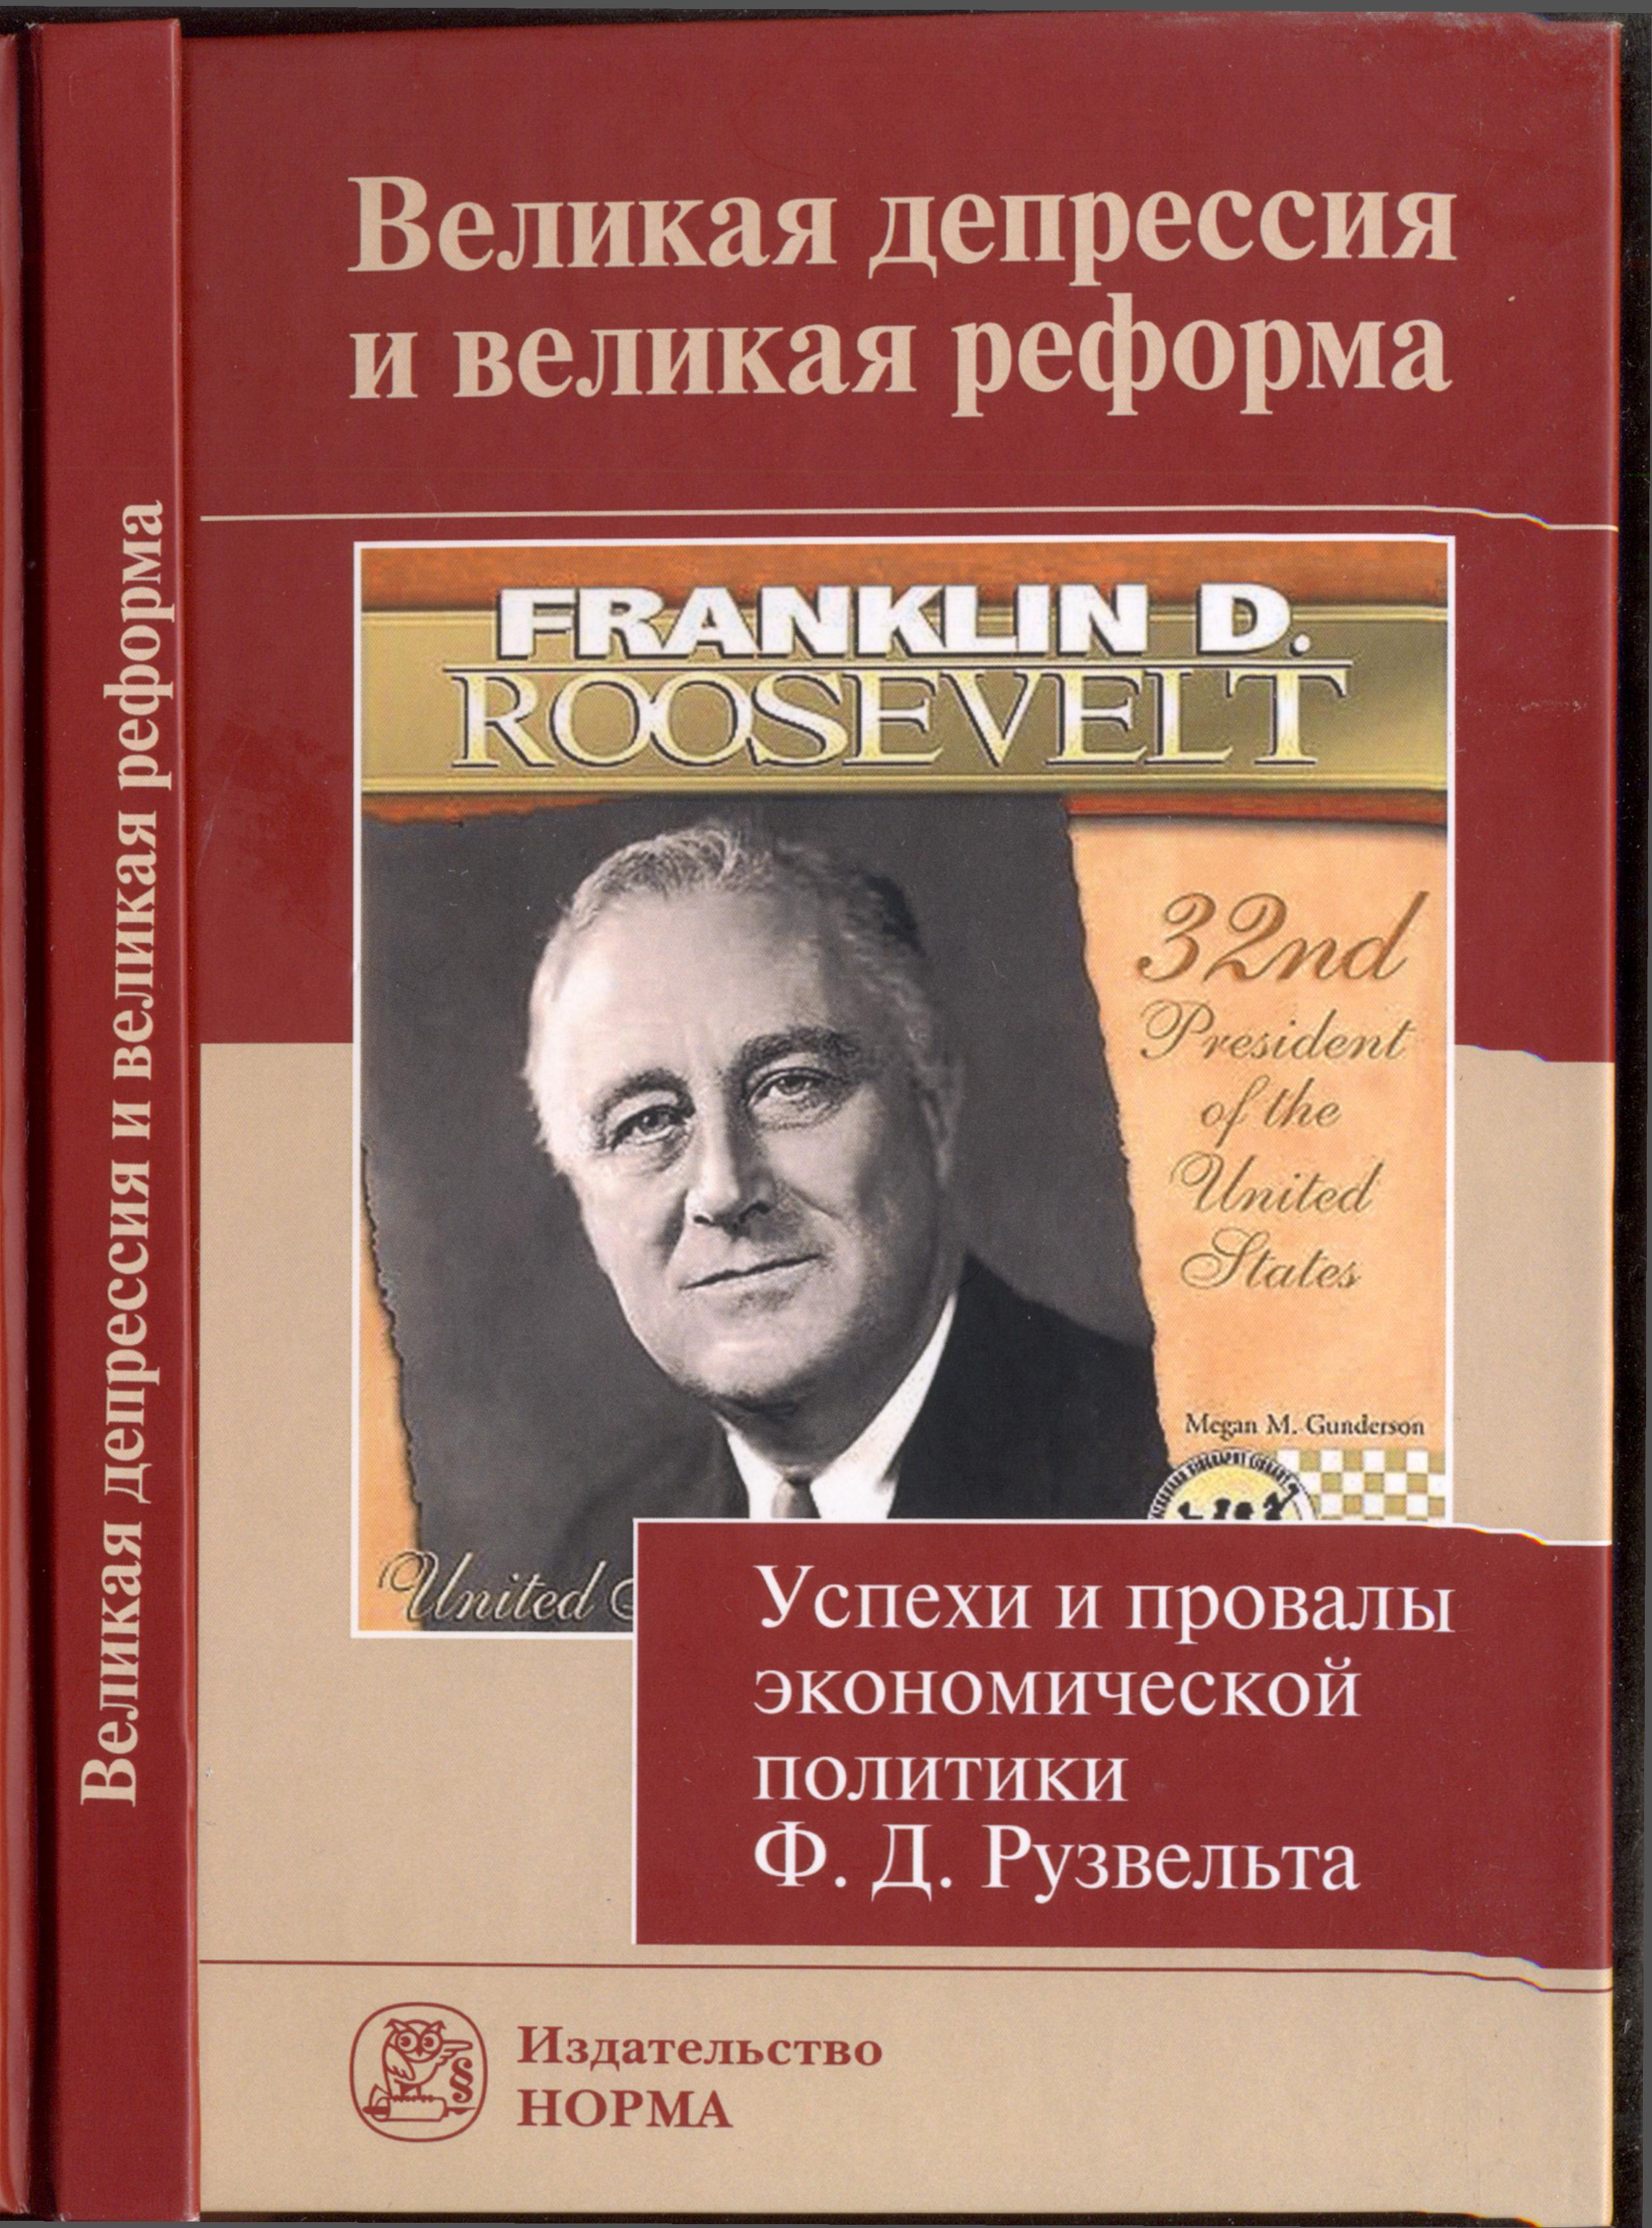 Великая депрессия и великая реформа (Успехи и провалы экономической политики Ф.Д. Рузвельта)